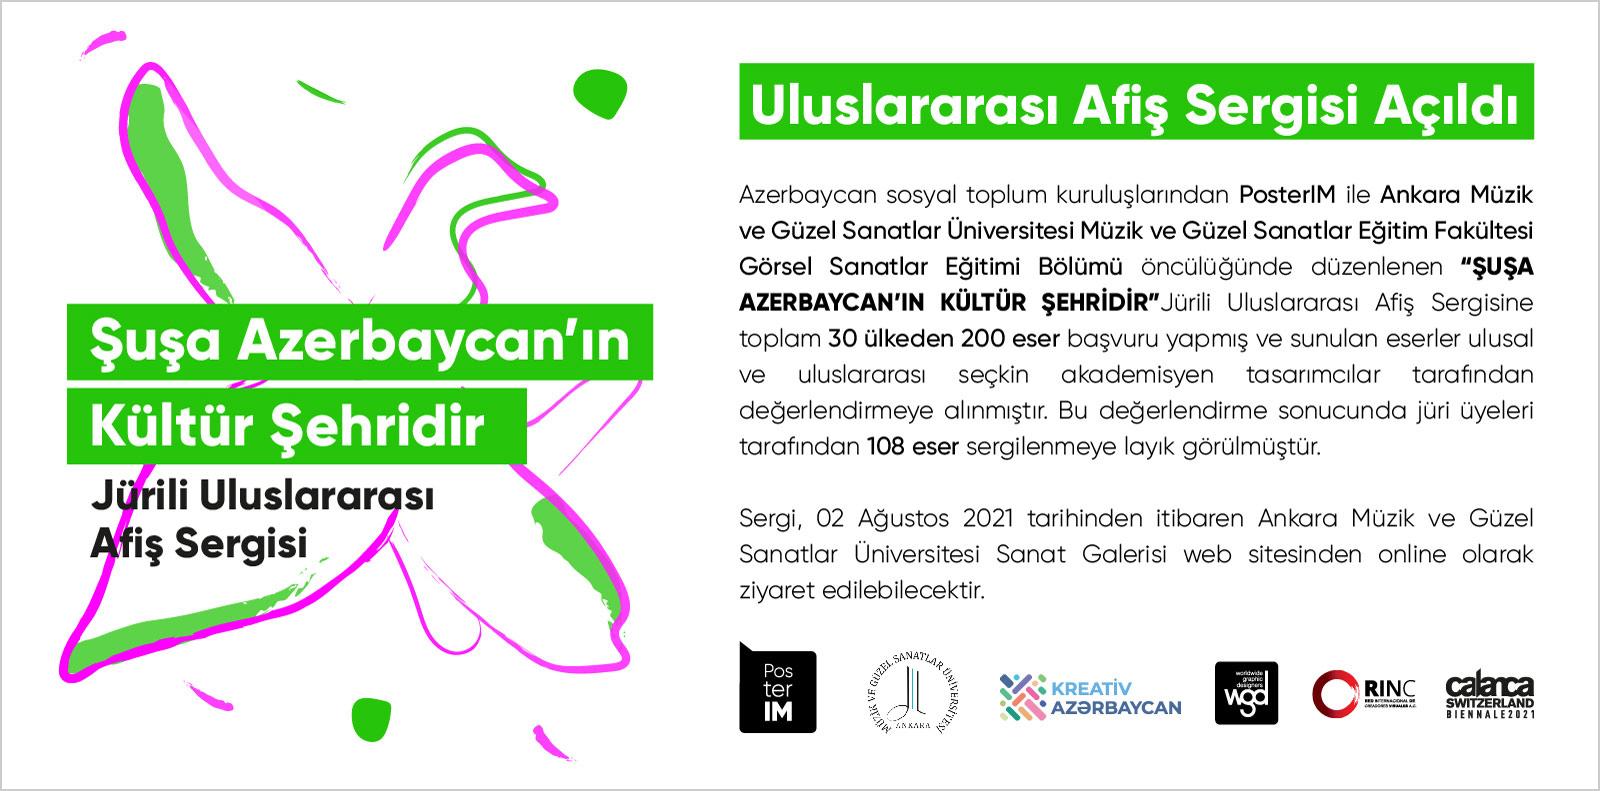 Şuşa Azerbaycan'ın Kültür Şehridir Slide